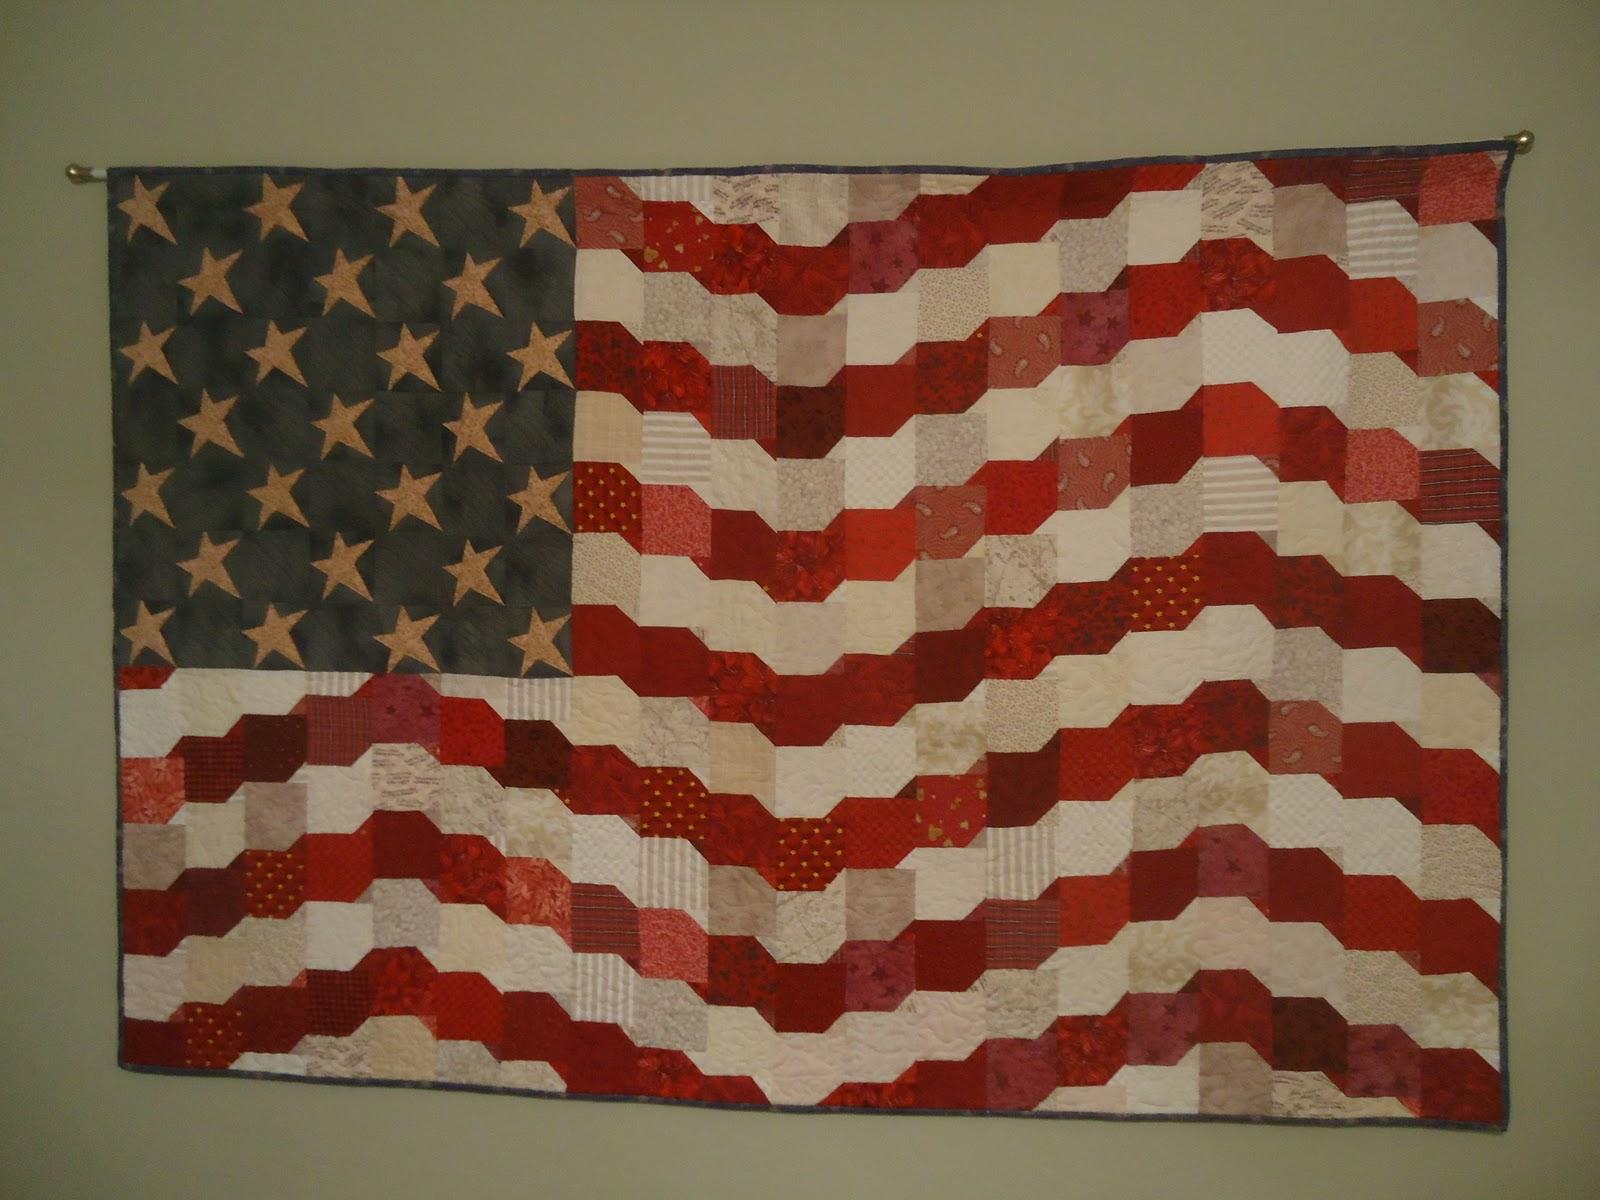 Stars & Stripes Quilt | Polka Dot Palm Tree : stars and stripes quilt - Adamdwight.com